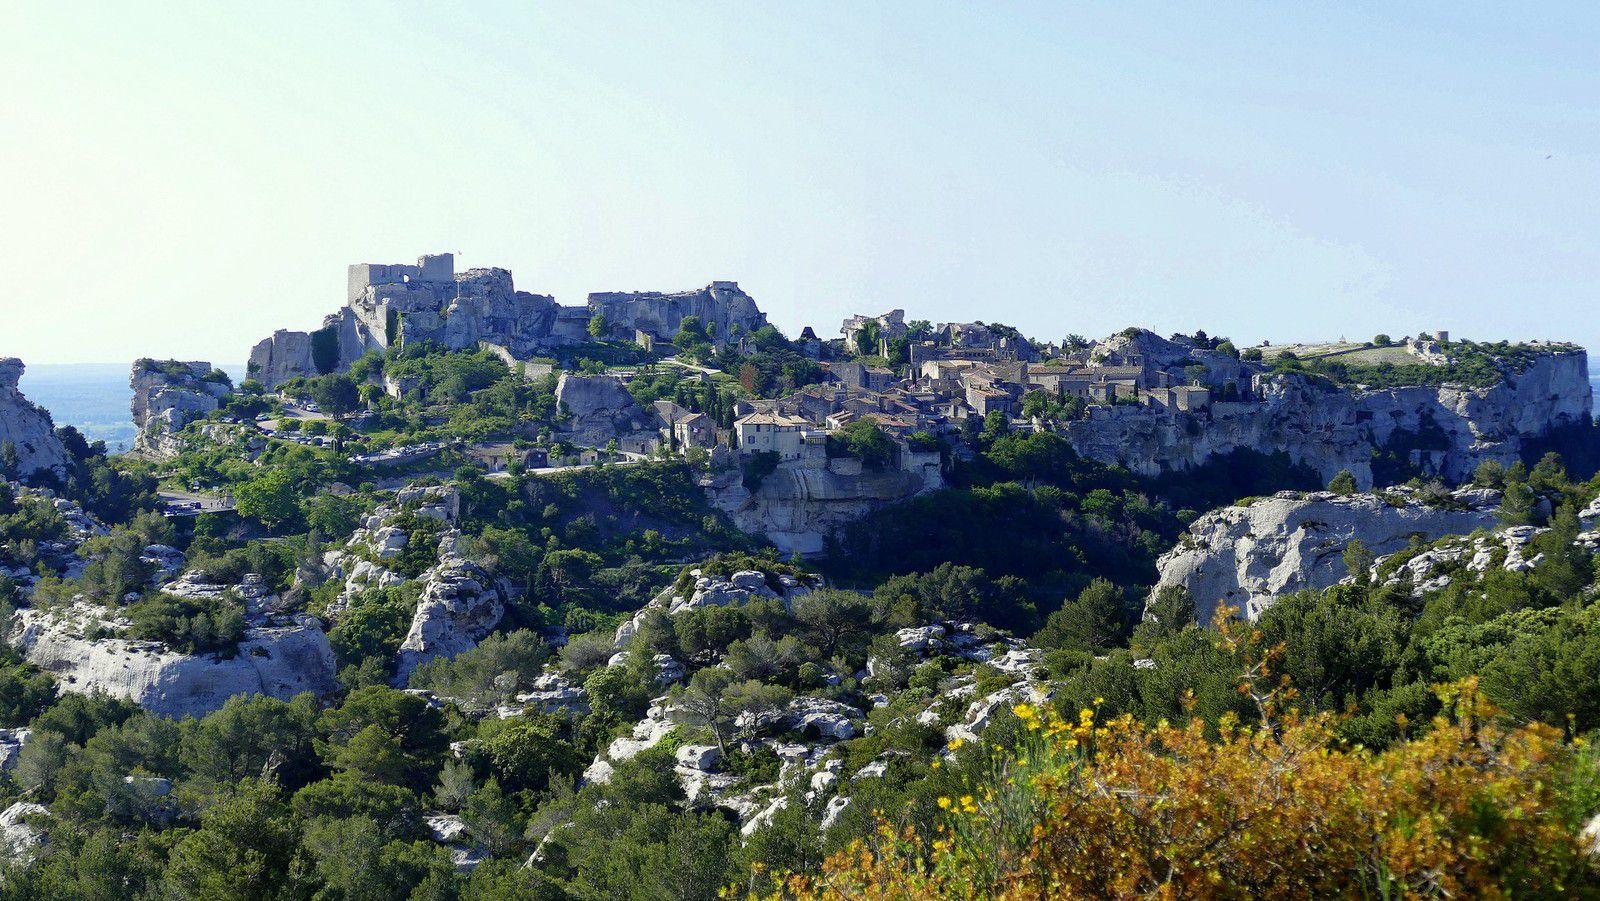 Paysage et panorama exceptionnel sur la Provence (mai 2018, images personnelles)